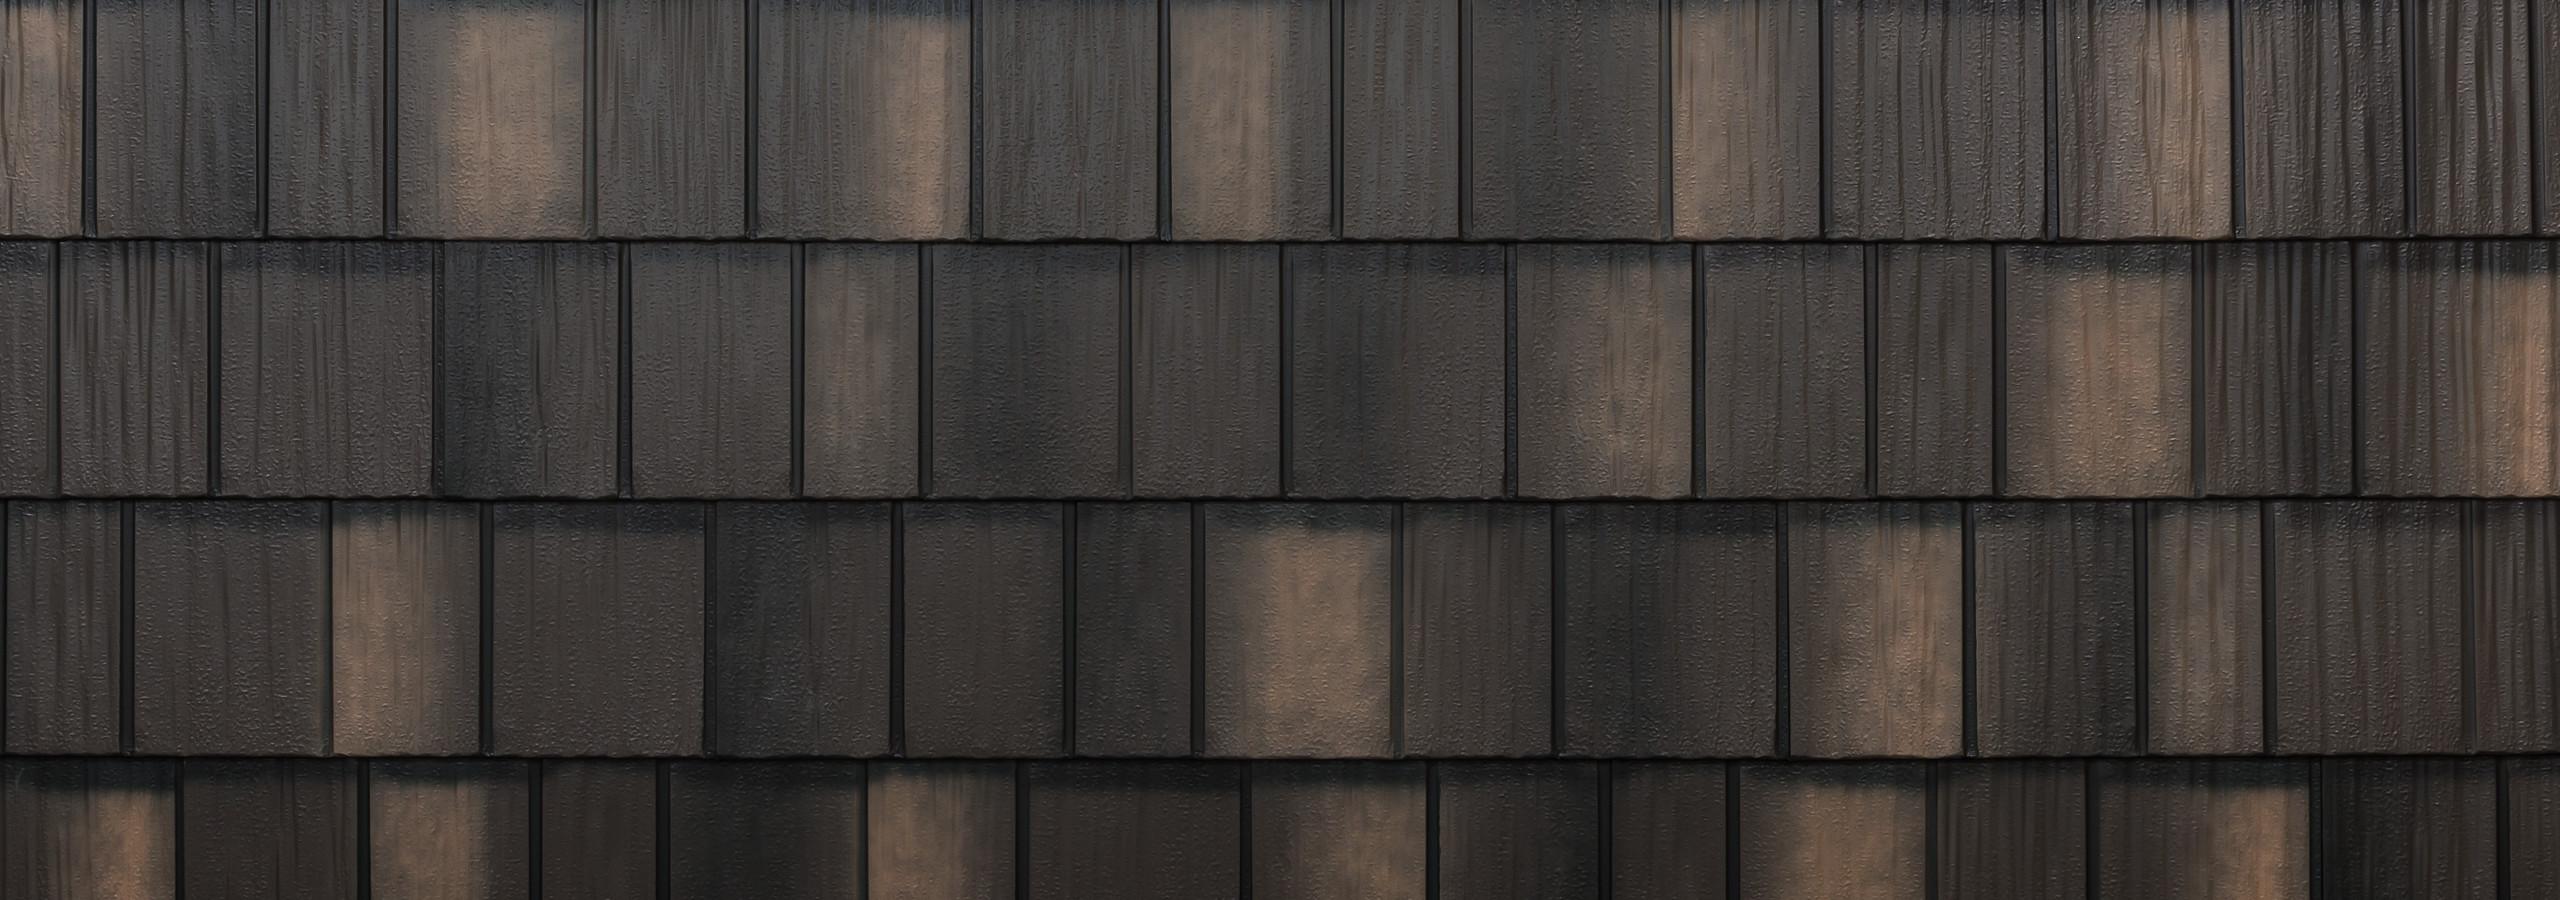 Arrowline shake bronze blend steel siding